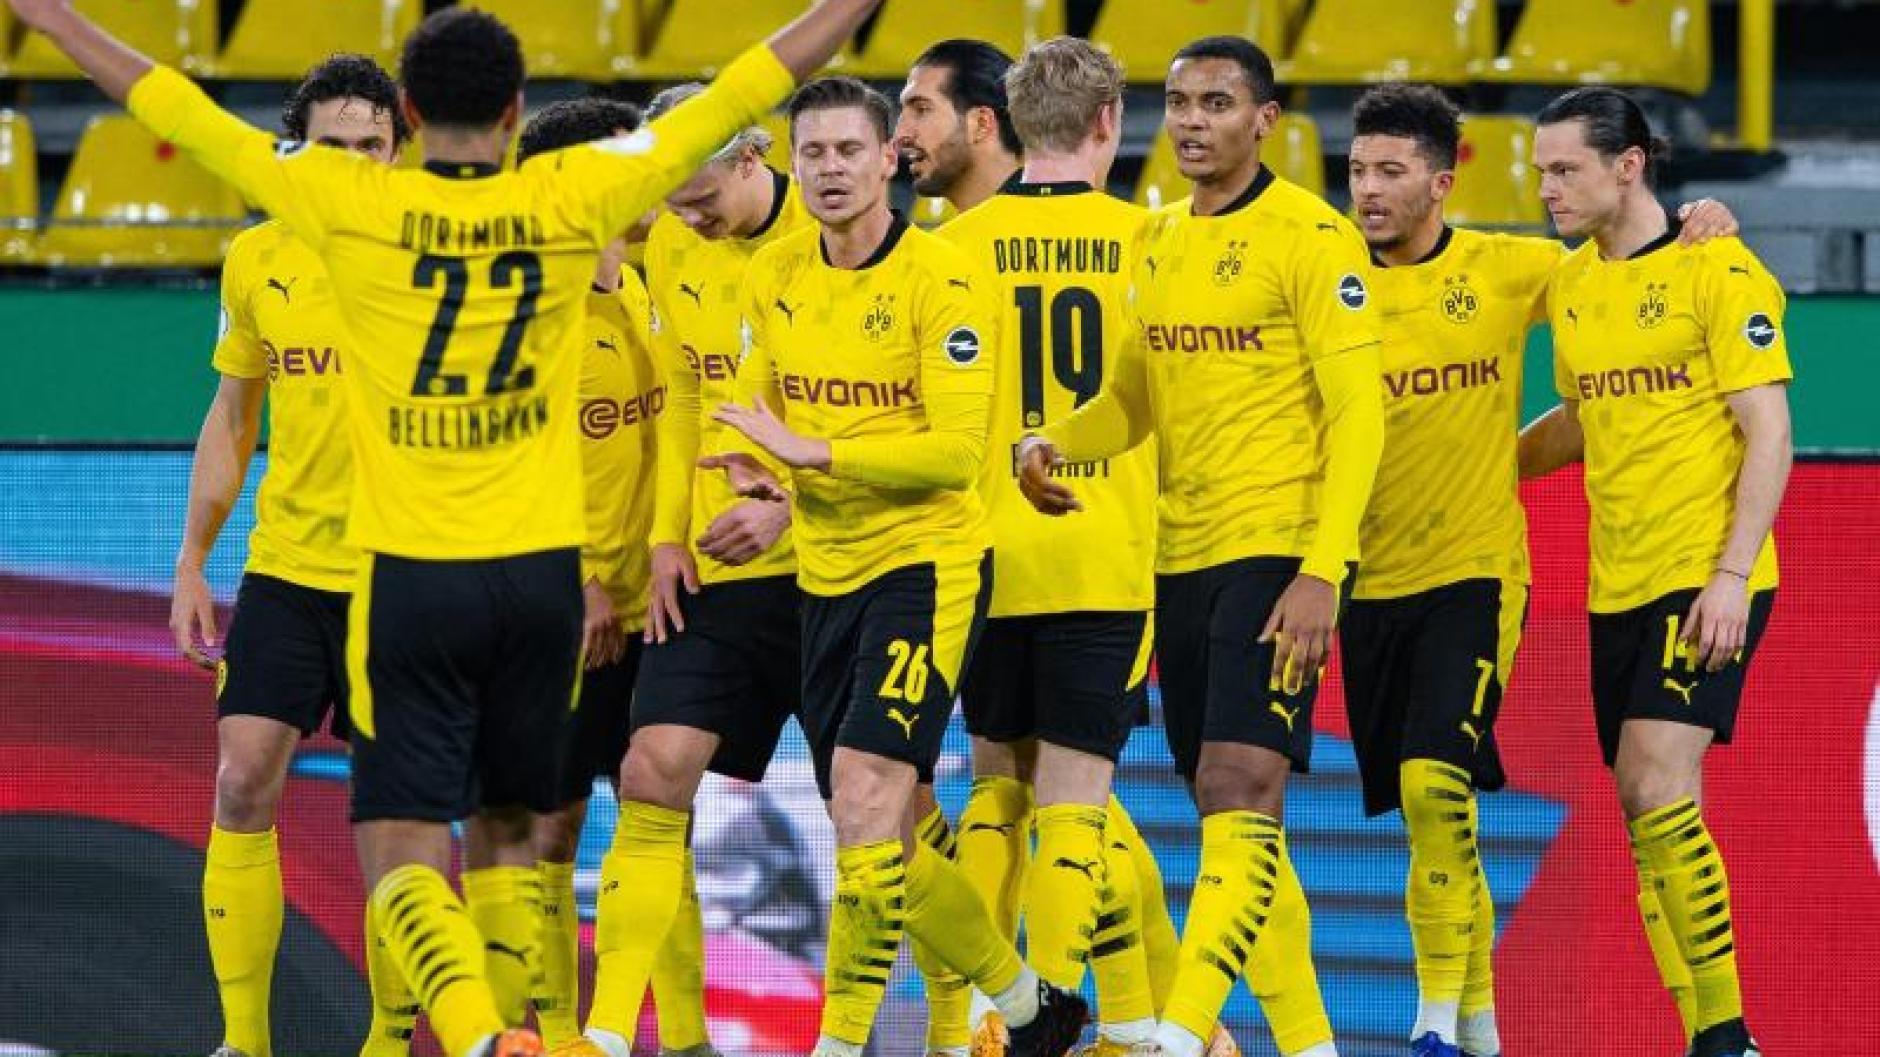 Dfb-Pokal übertragung Free-Tv 2021